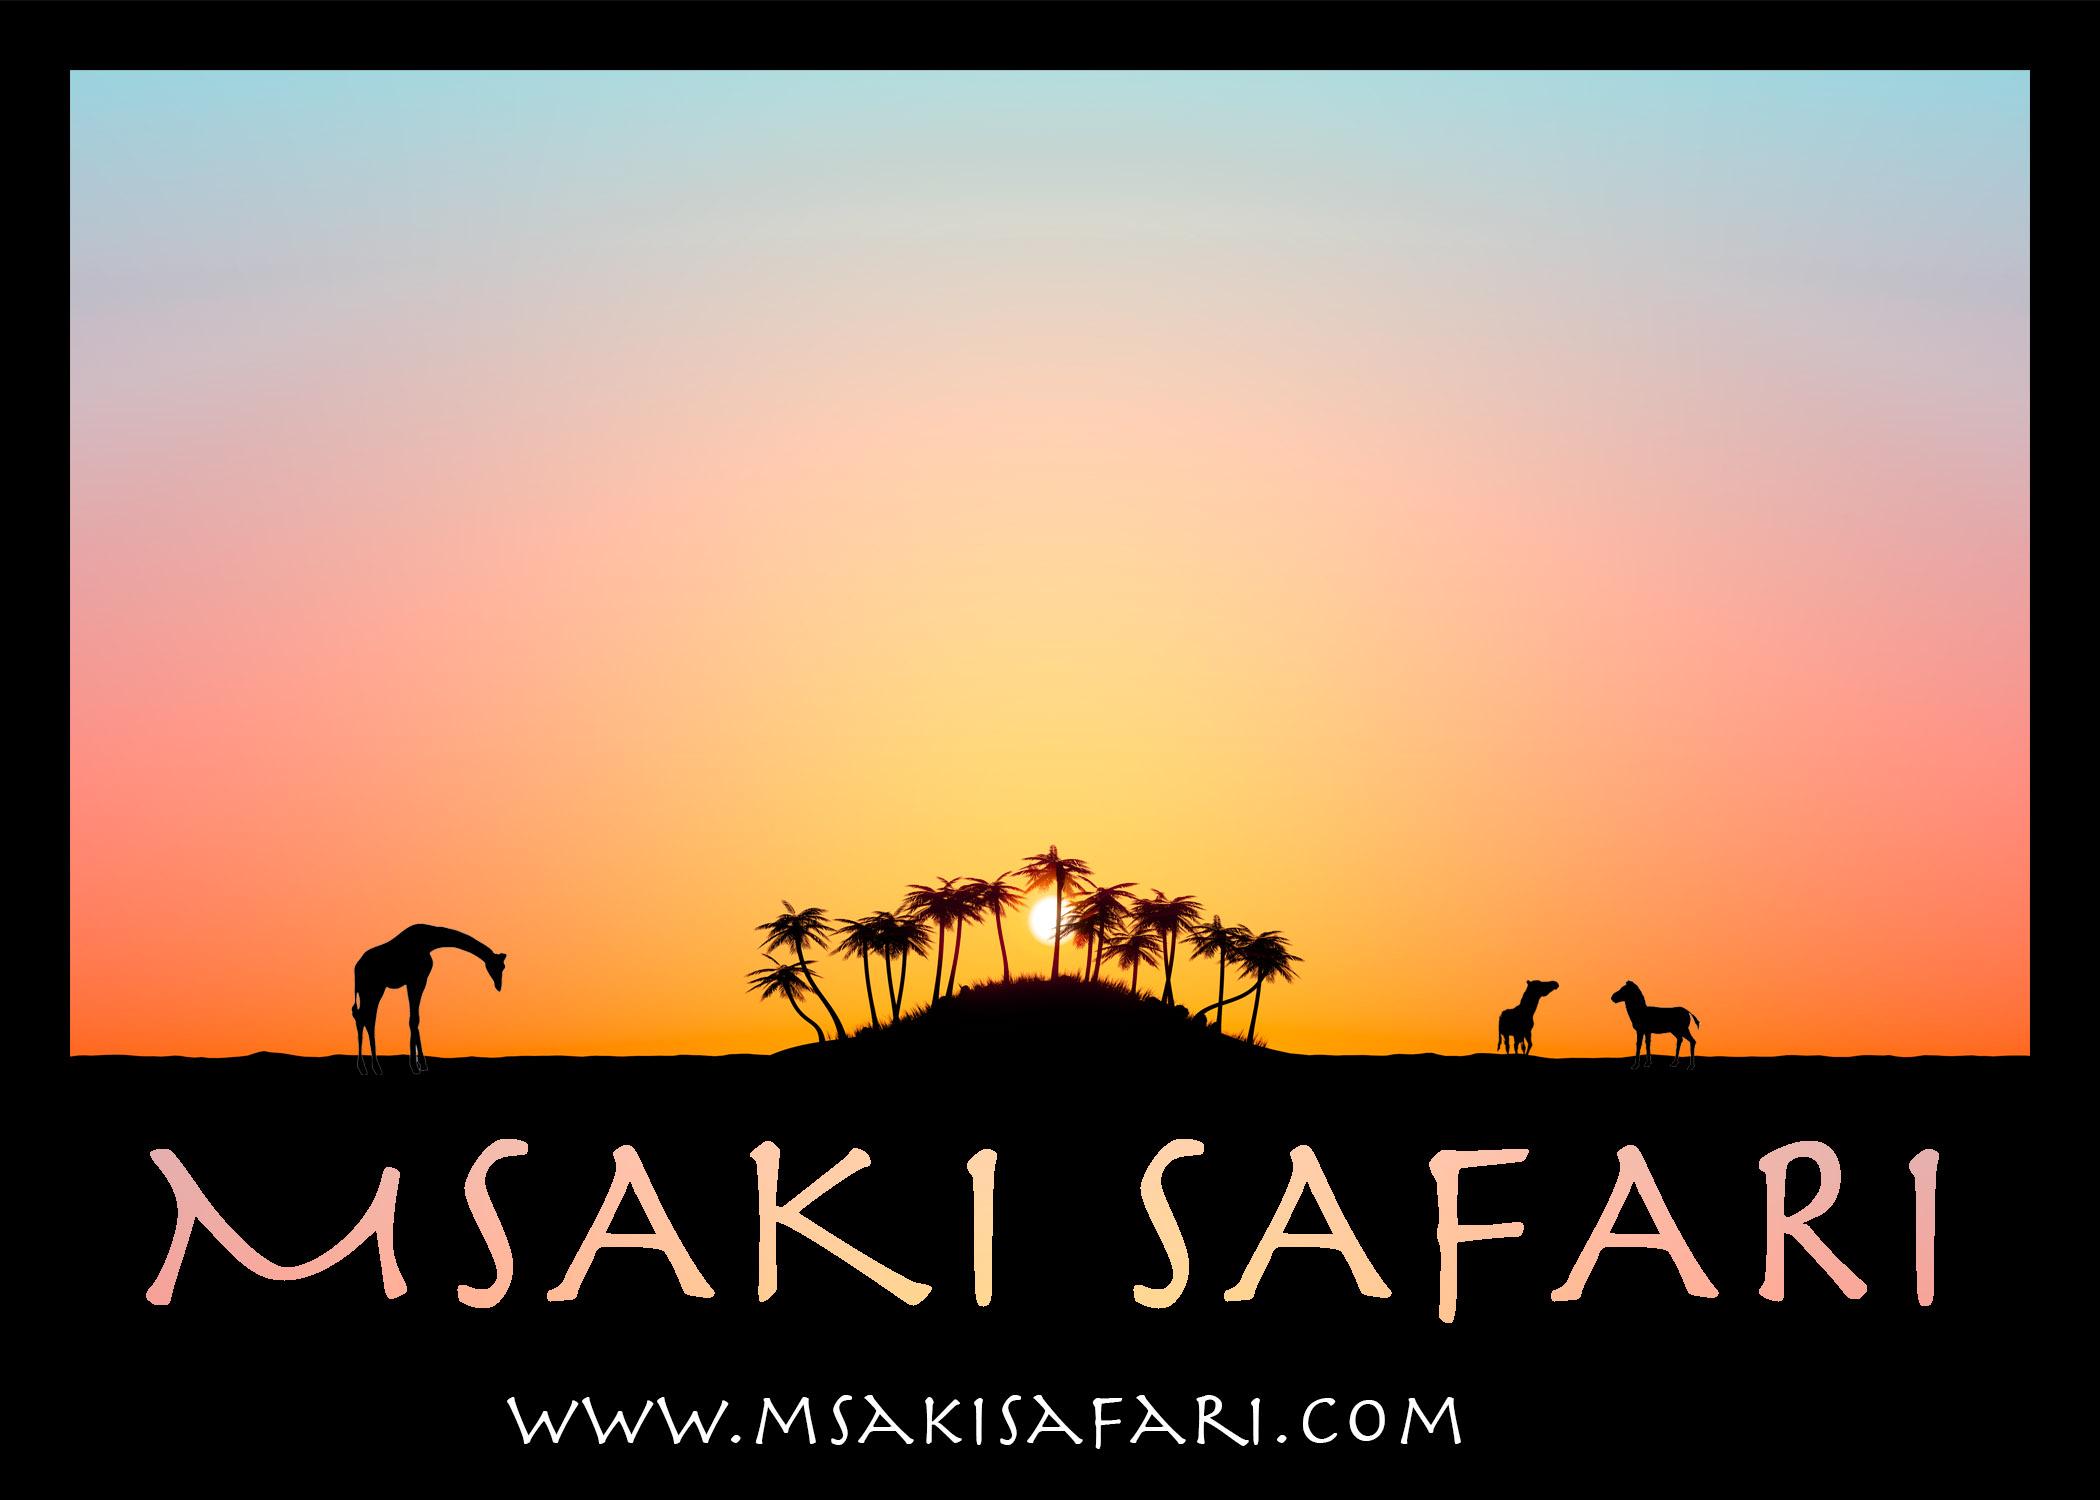 safariLogo6.jpg